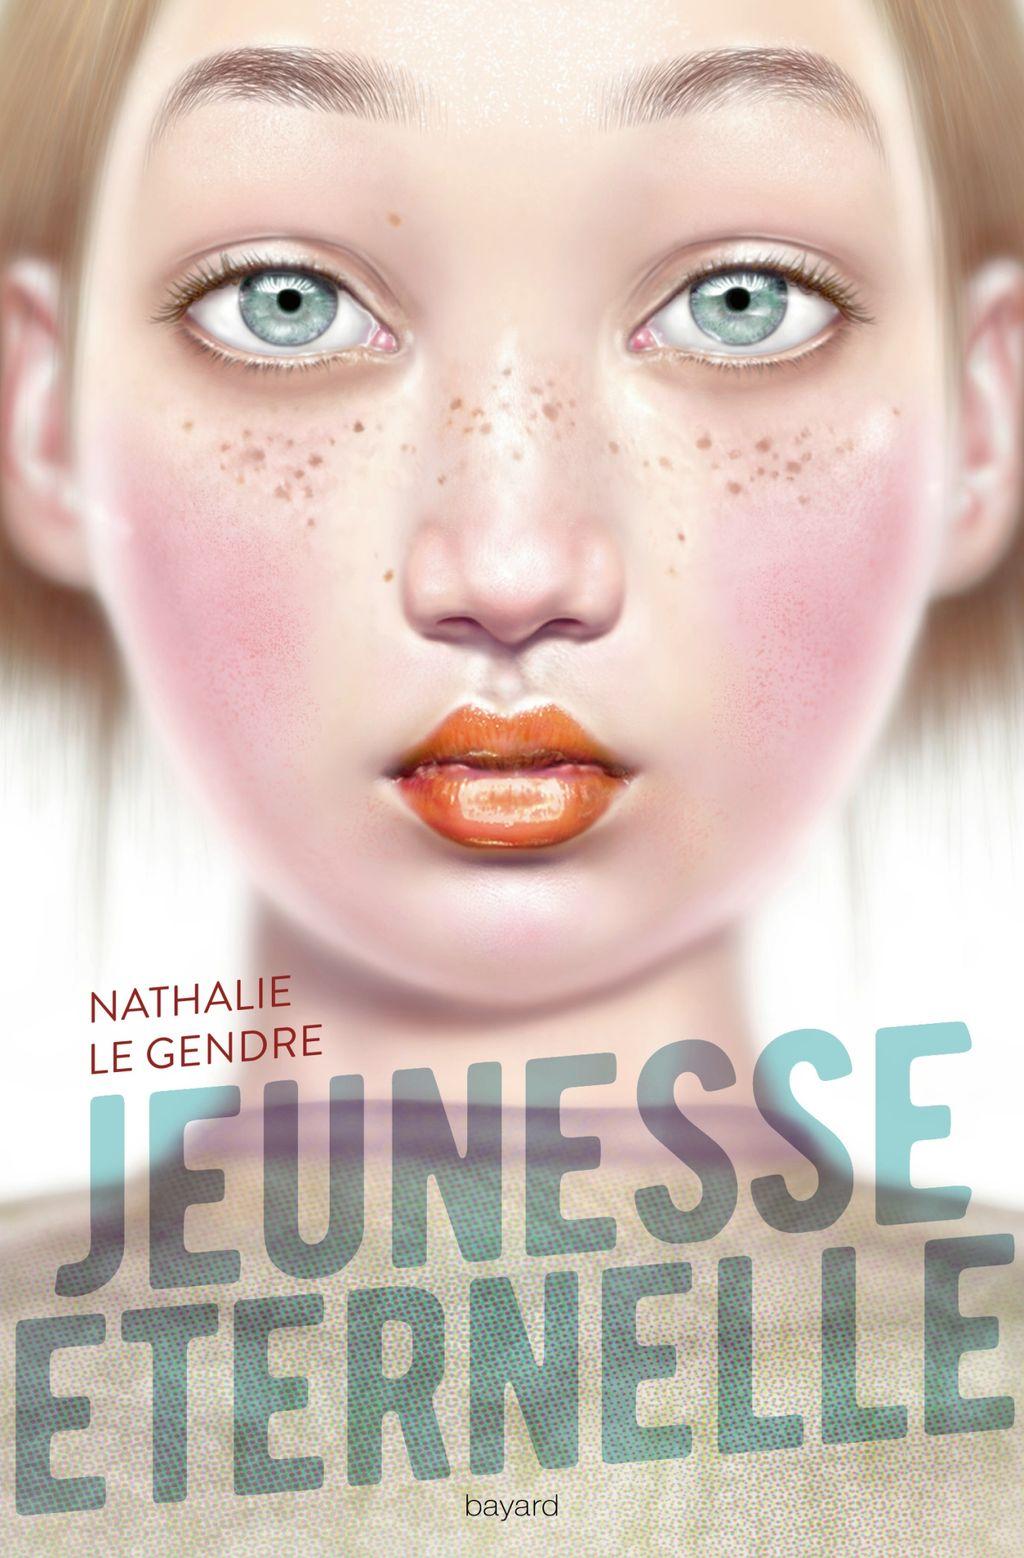 «Jeunesse éternelle» cover